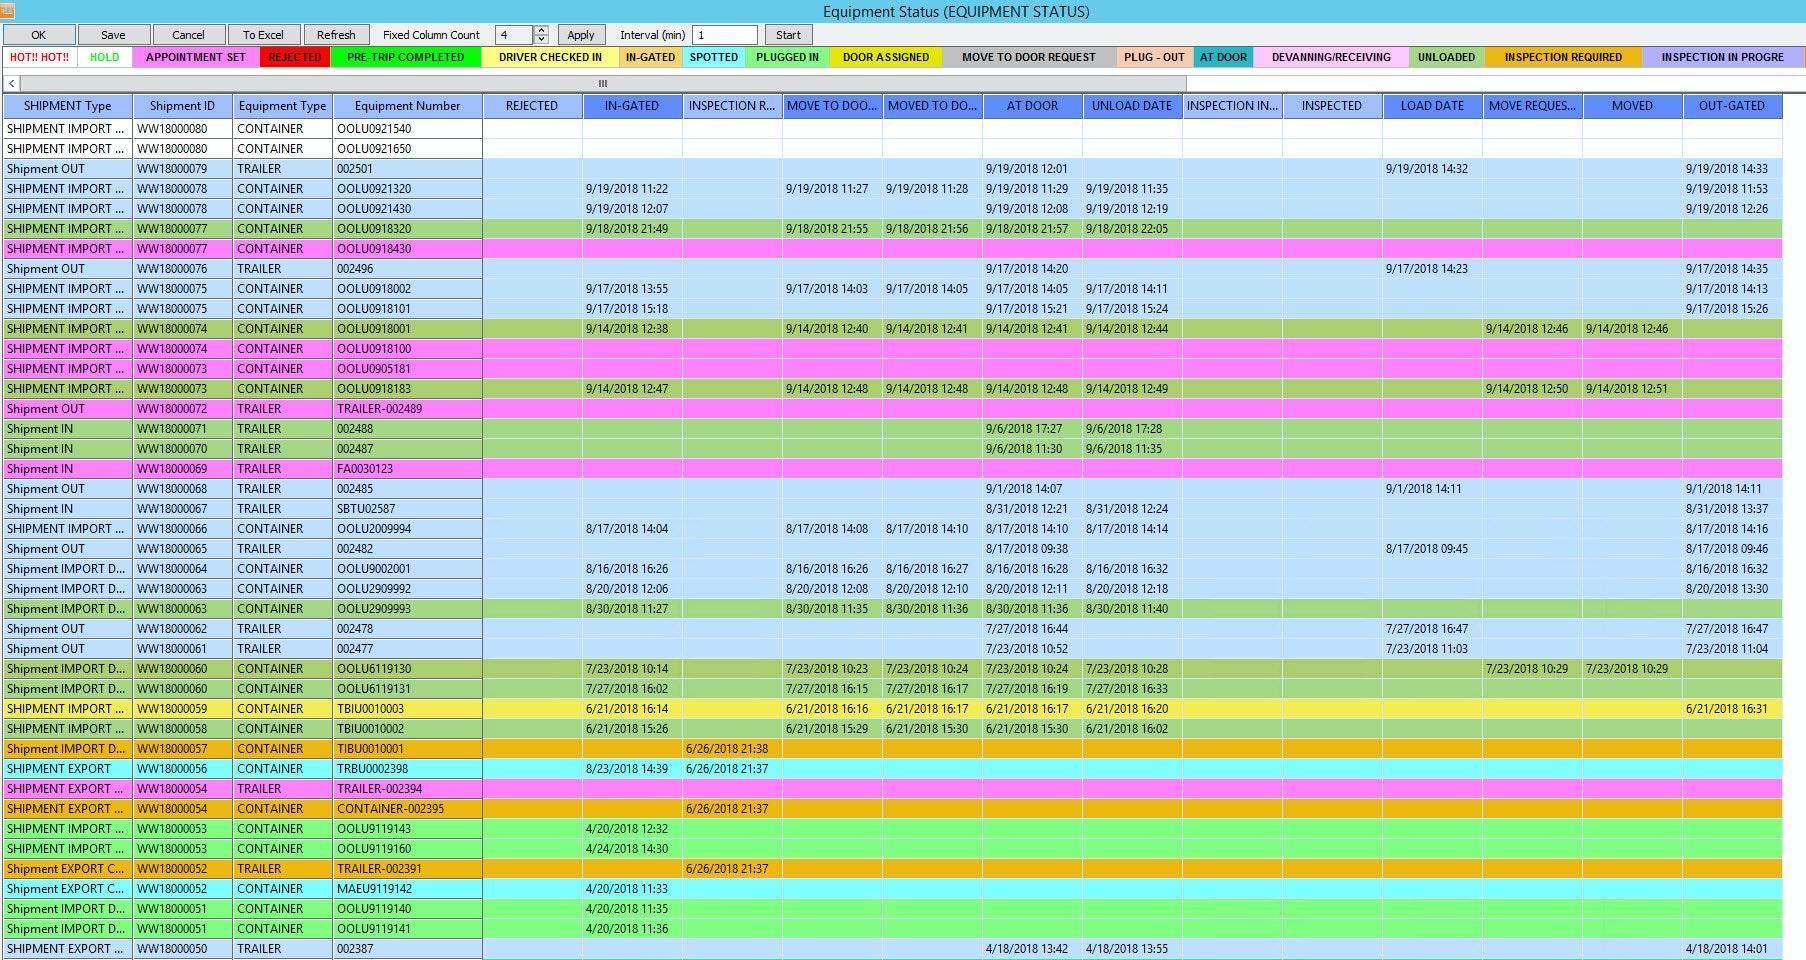 Equipment status dashboard